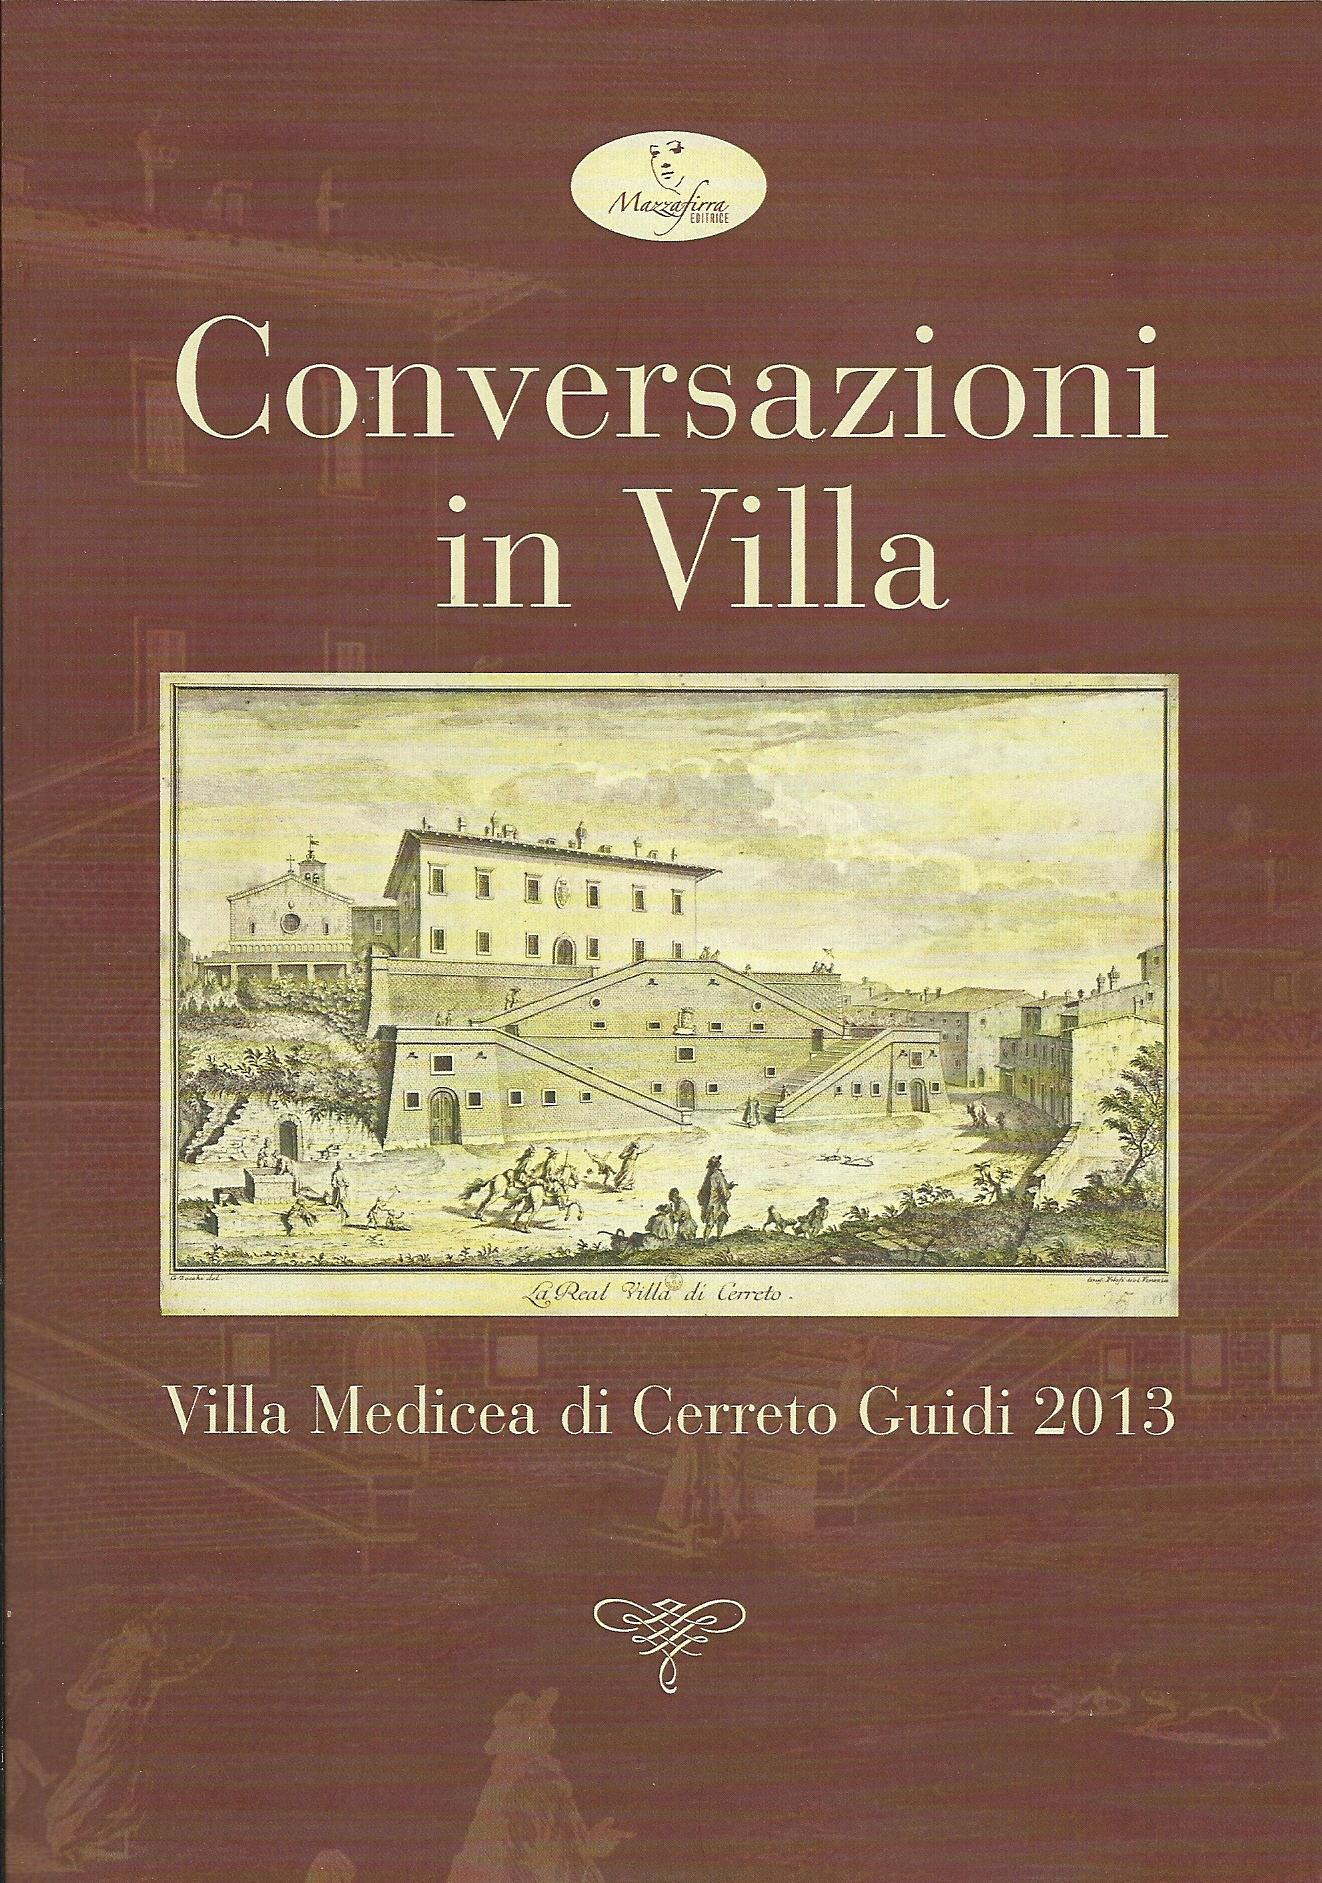 Conversazioni in Villa